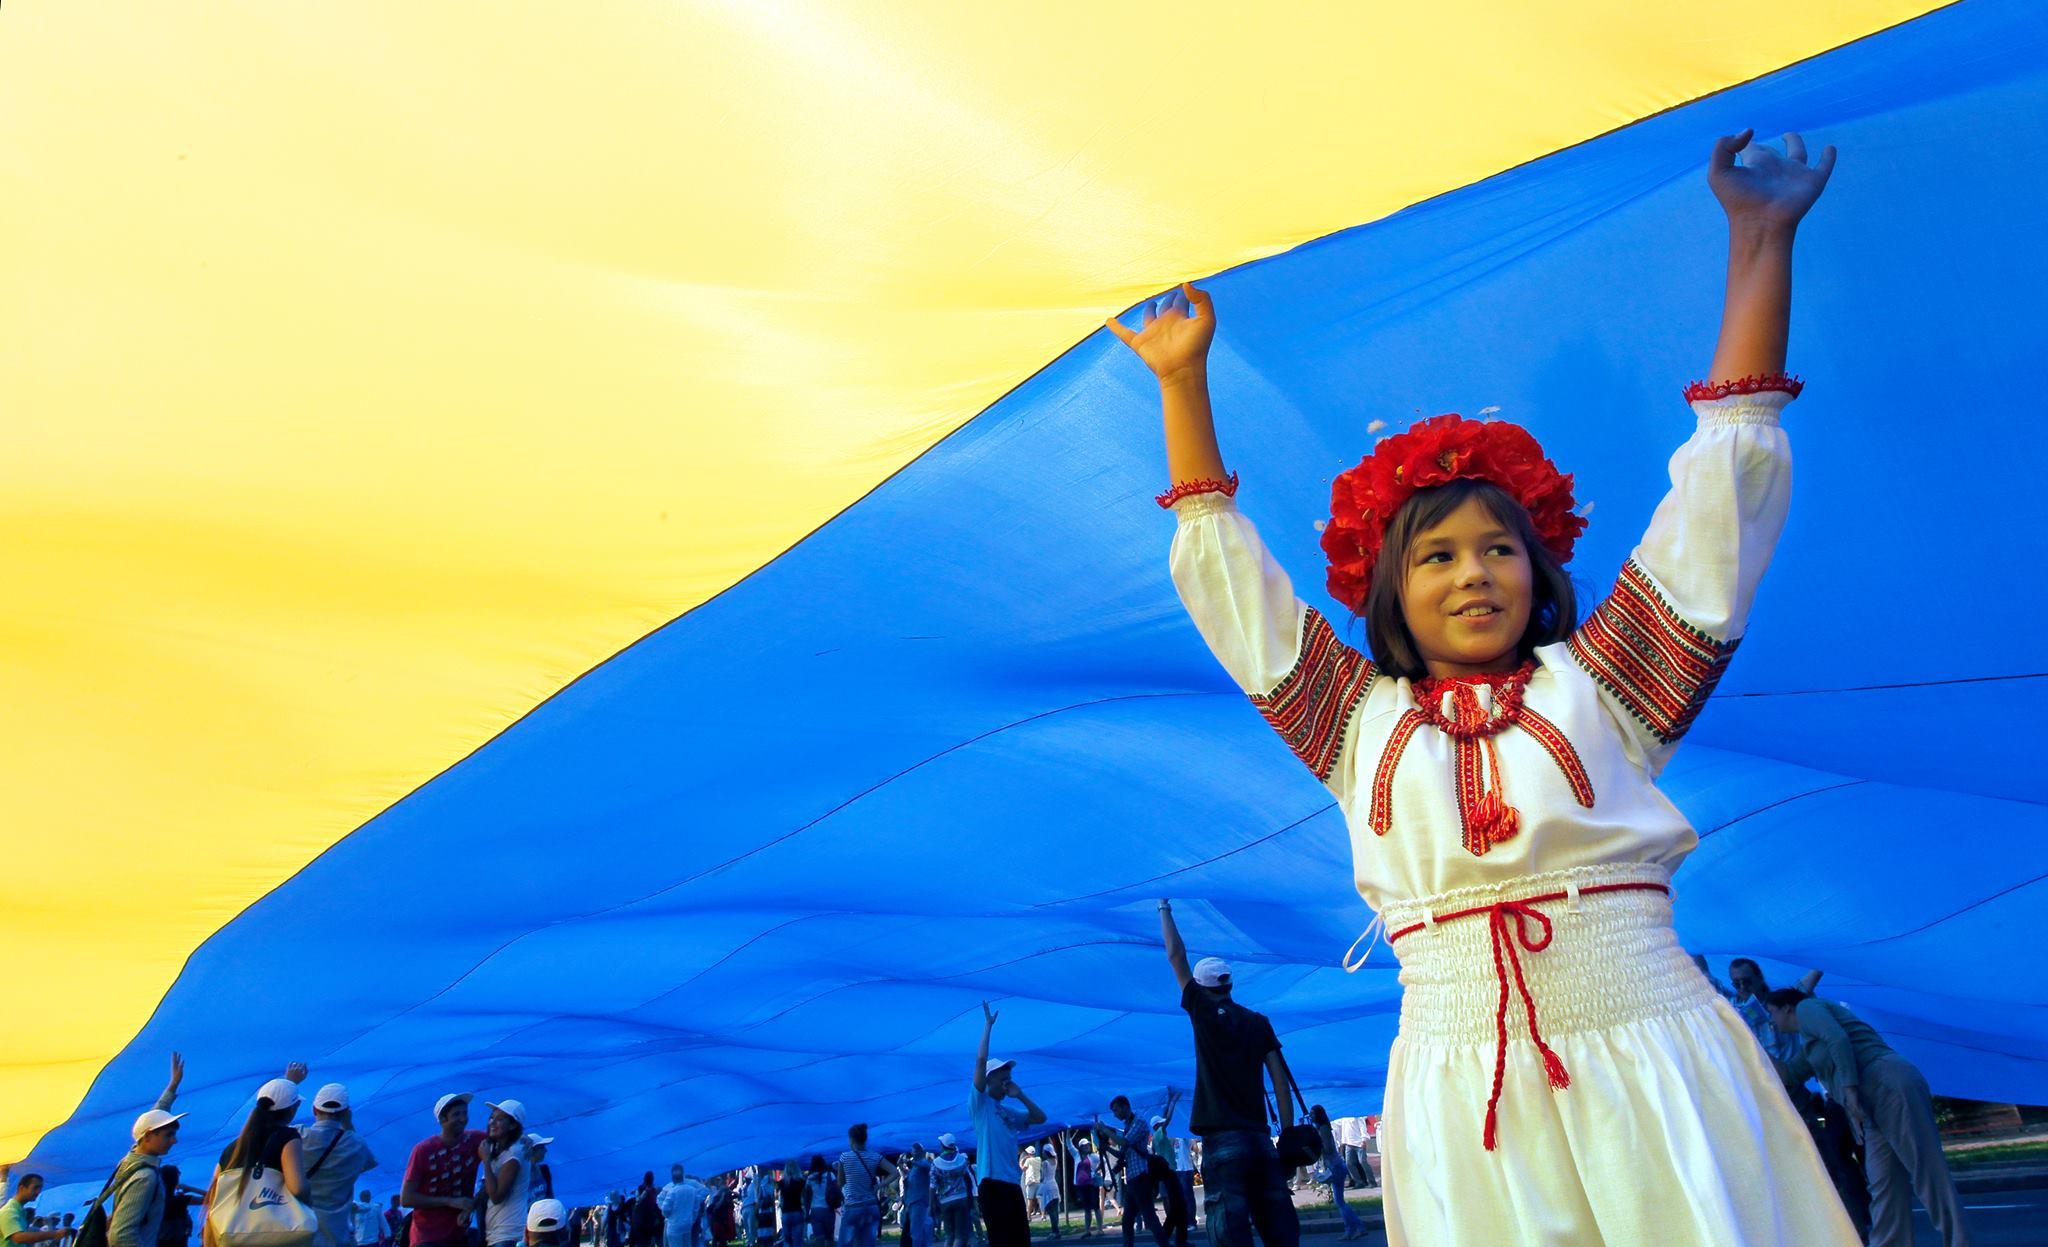 Сценарий фестиваль народов мира украина